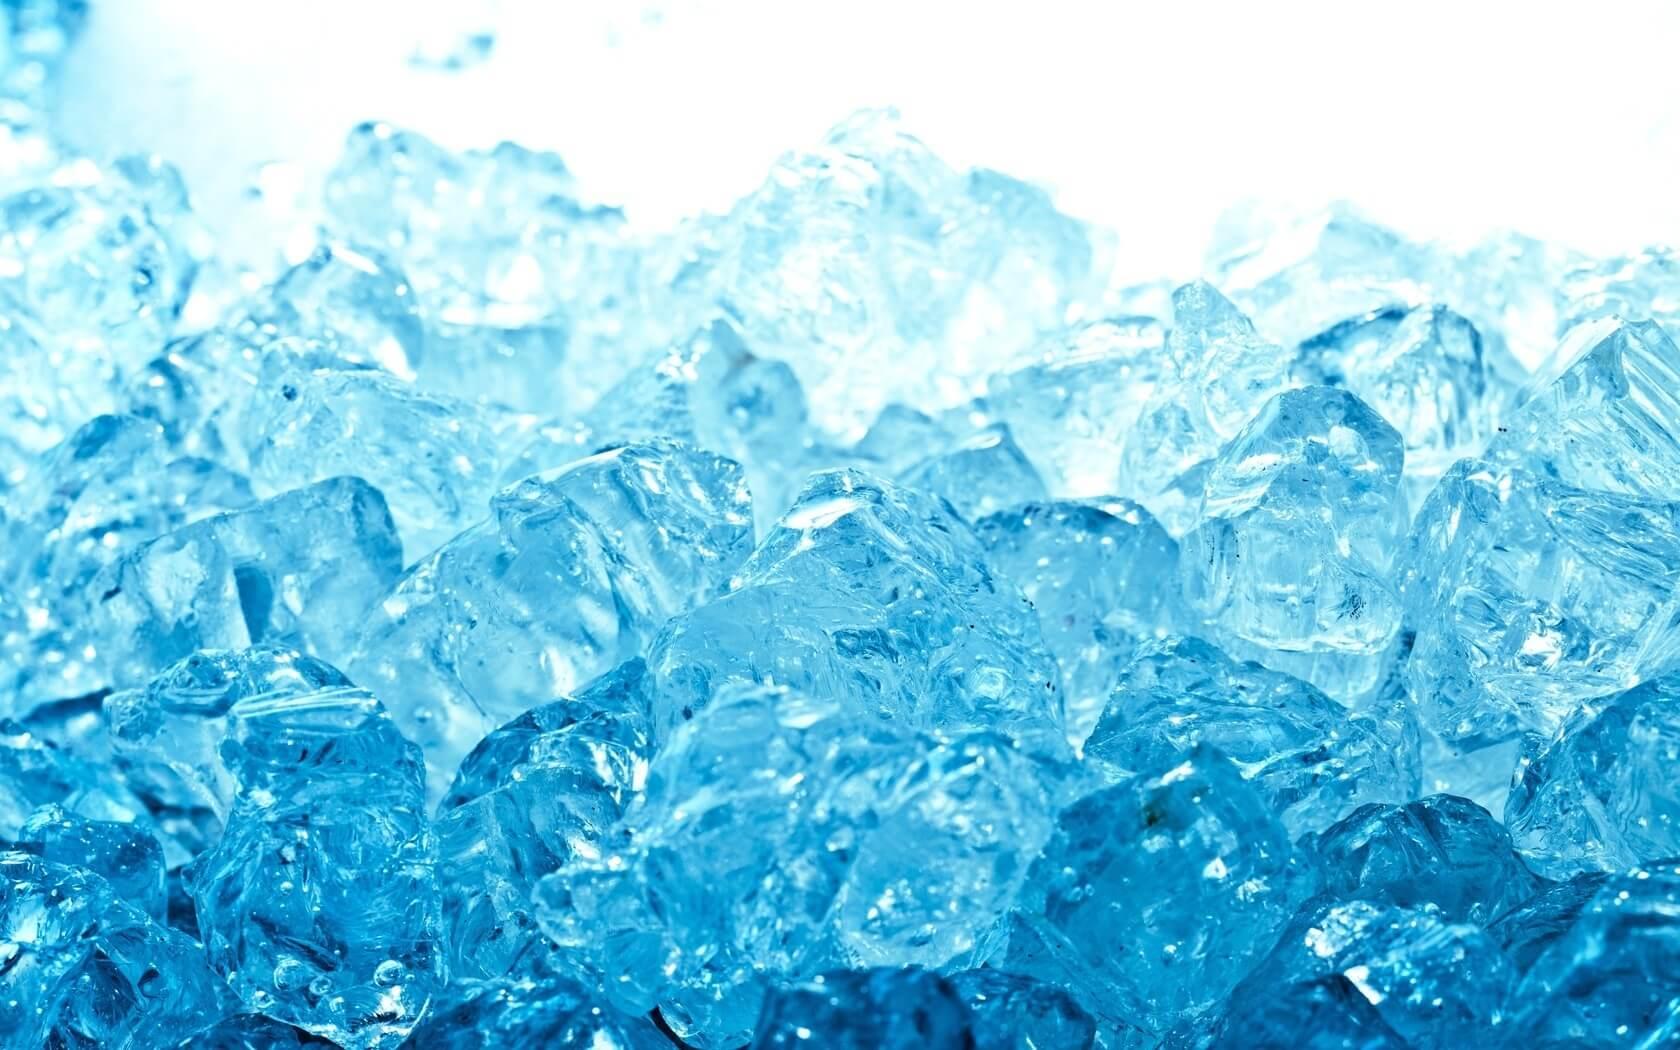 Как правильно пить талую воду: можно ли употреблять, в чем польза, как замораживать и сферы применения